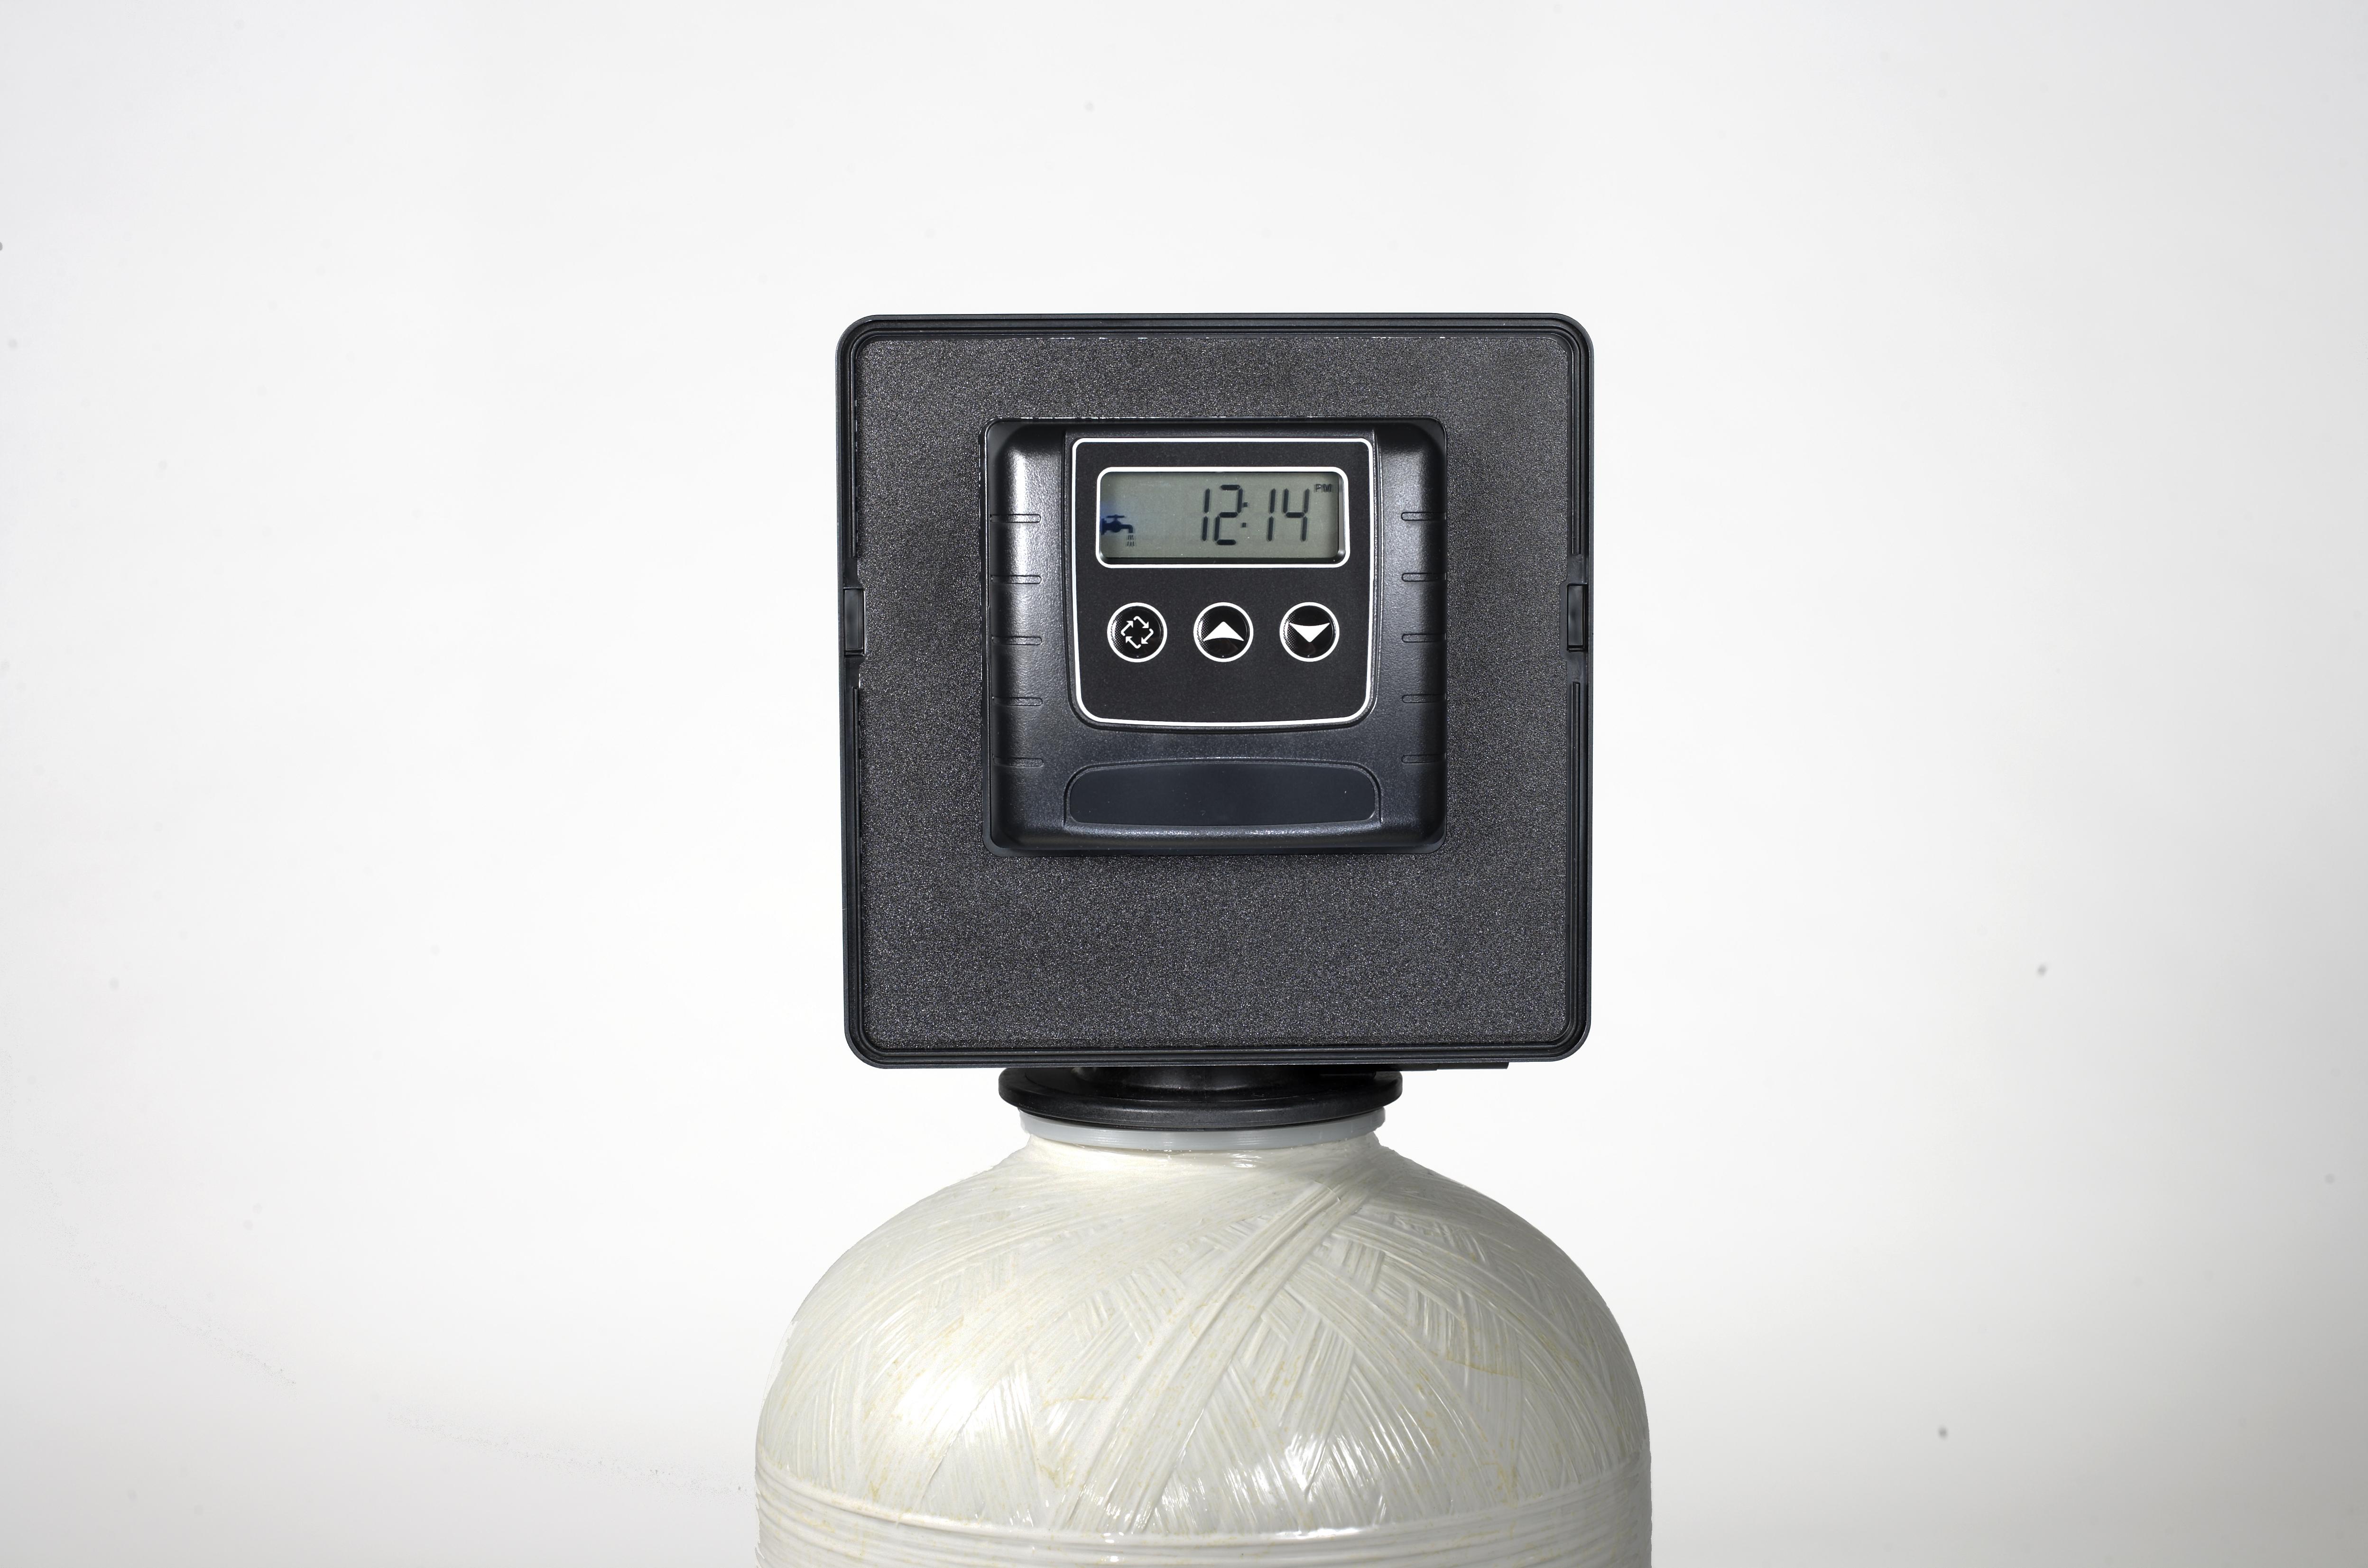 Контроллер sxt fleck инструкция